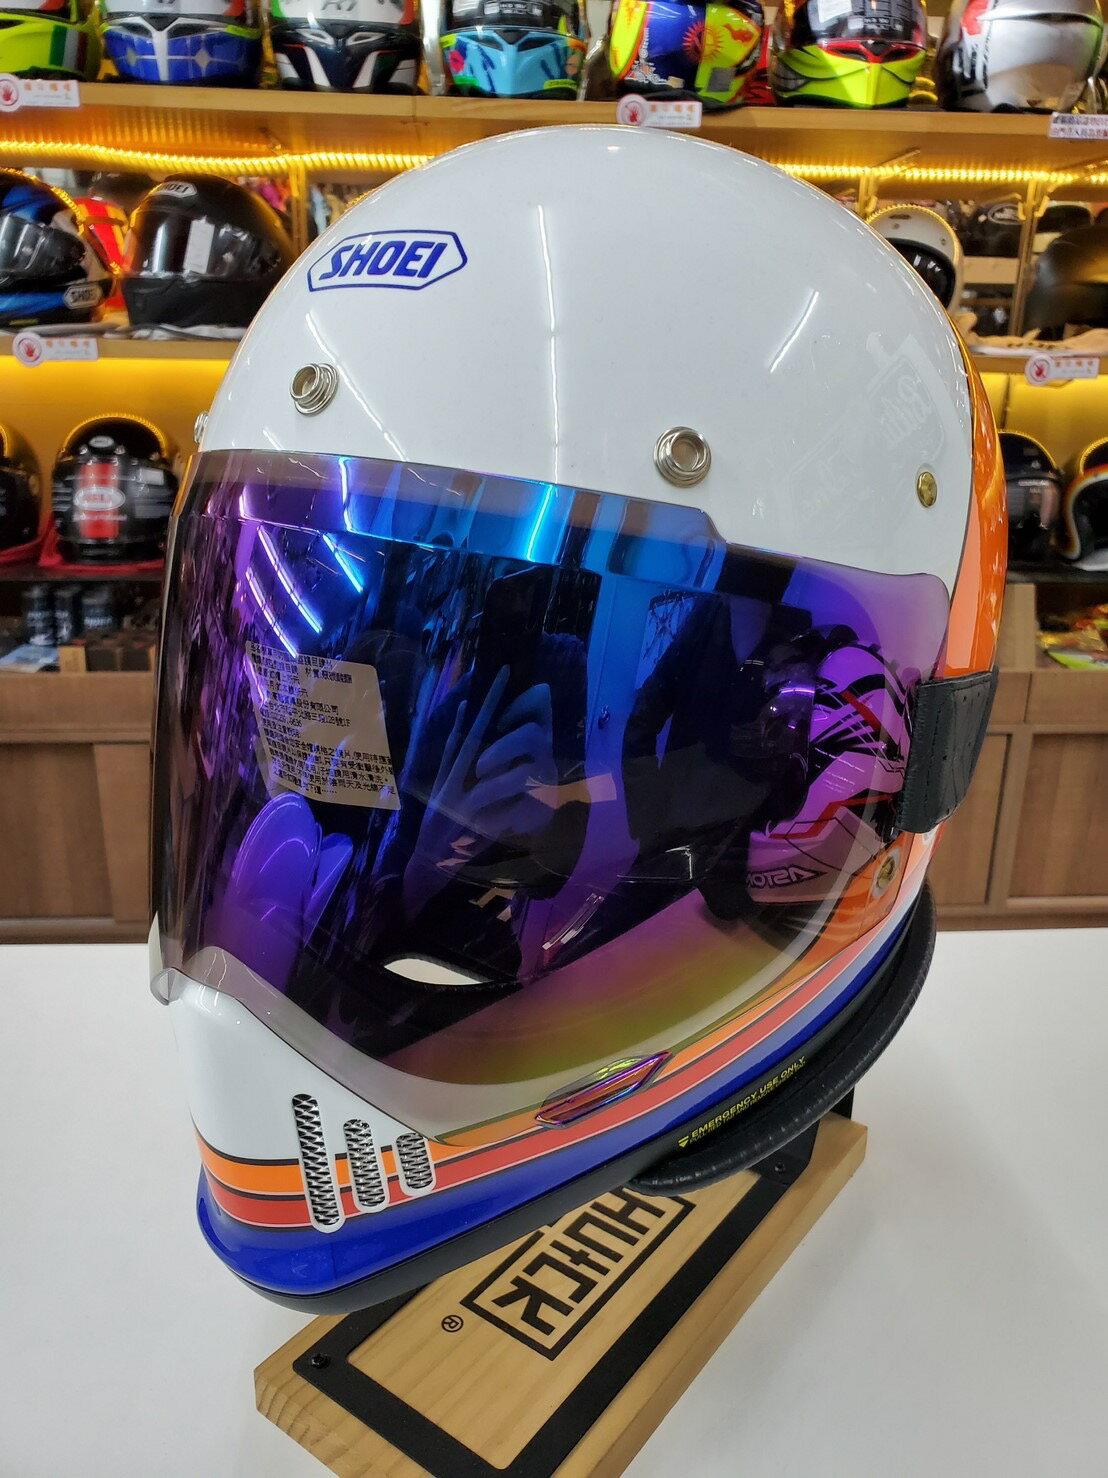 任我行騎士部品 M2R 山車帽 滑胎車帽 越野帽 配件 風鏡 平面 鬆緊帶 鏡片